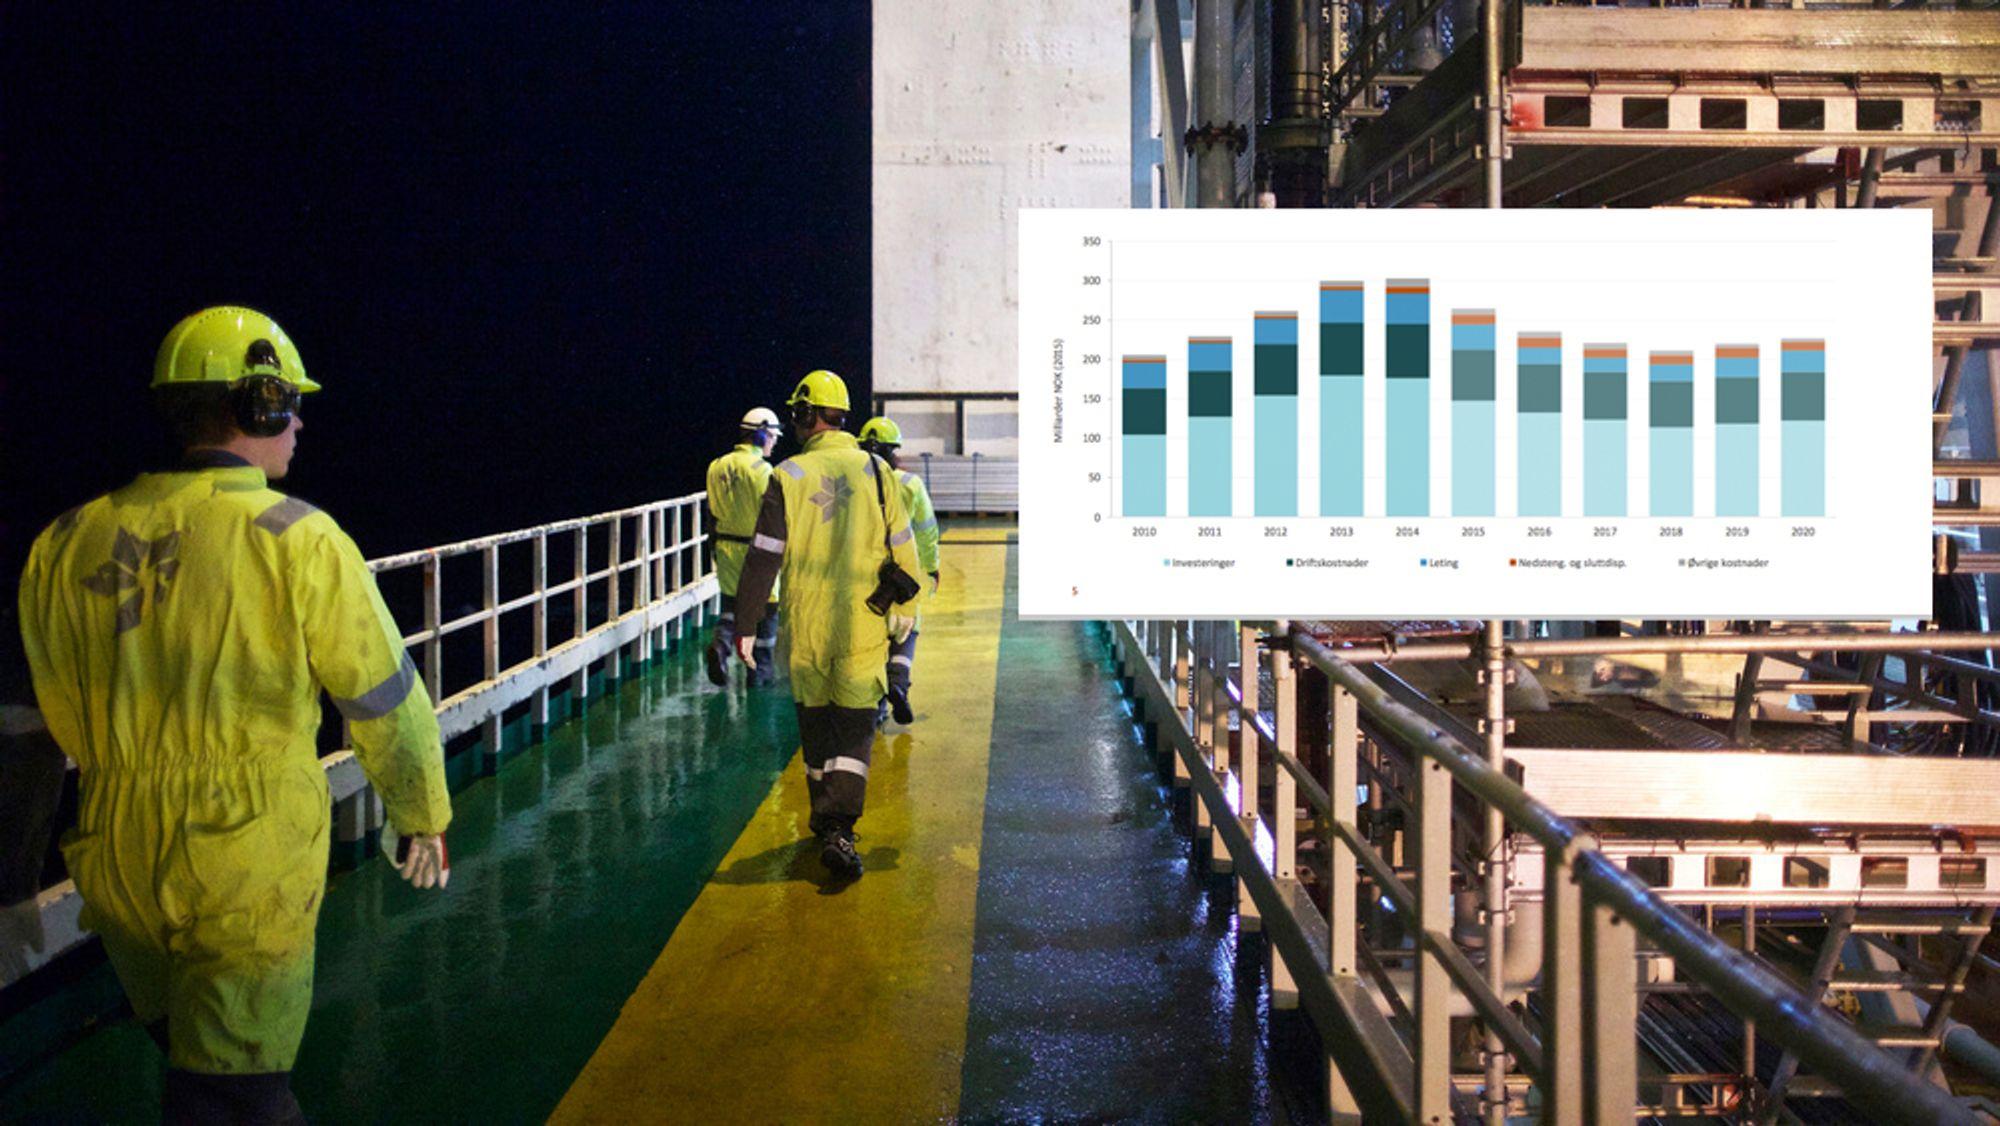 Kostnadene på norsk sokkel var på sitt høyeste i 2013 og 2014. Da oljeprisen gikk ned, gikk kostnadene ned.